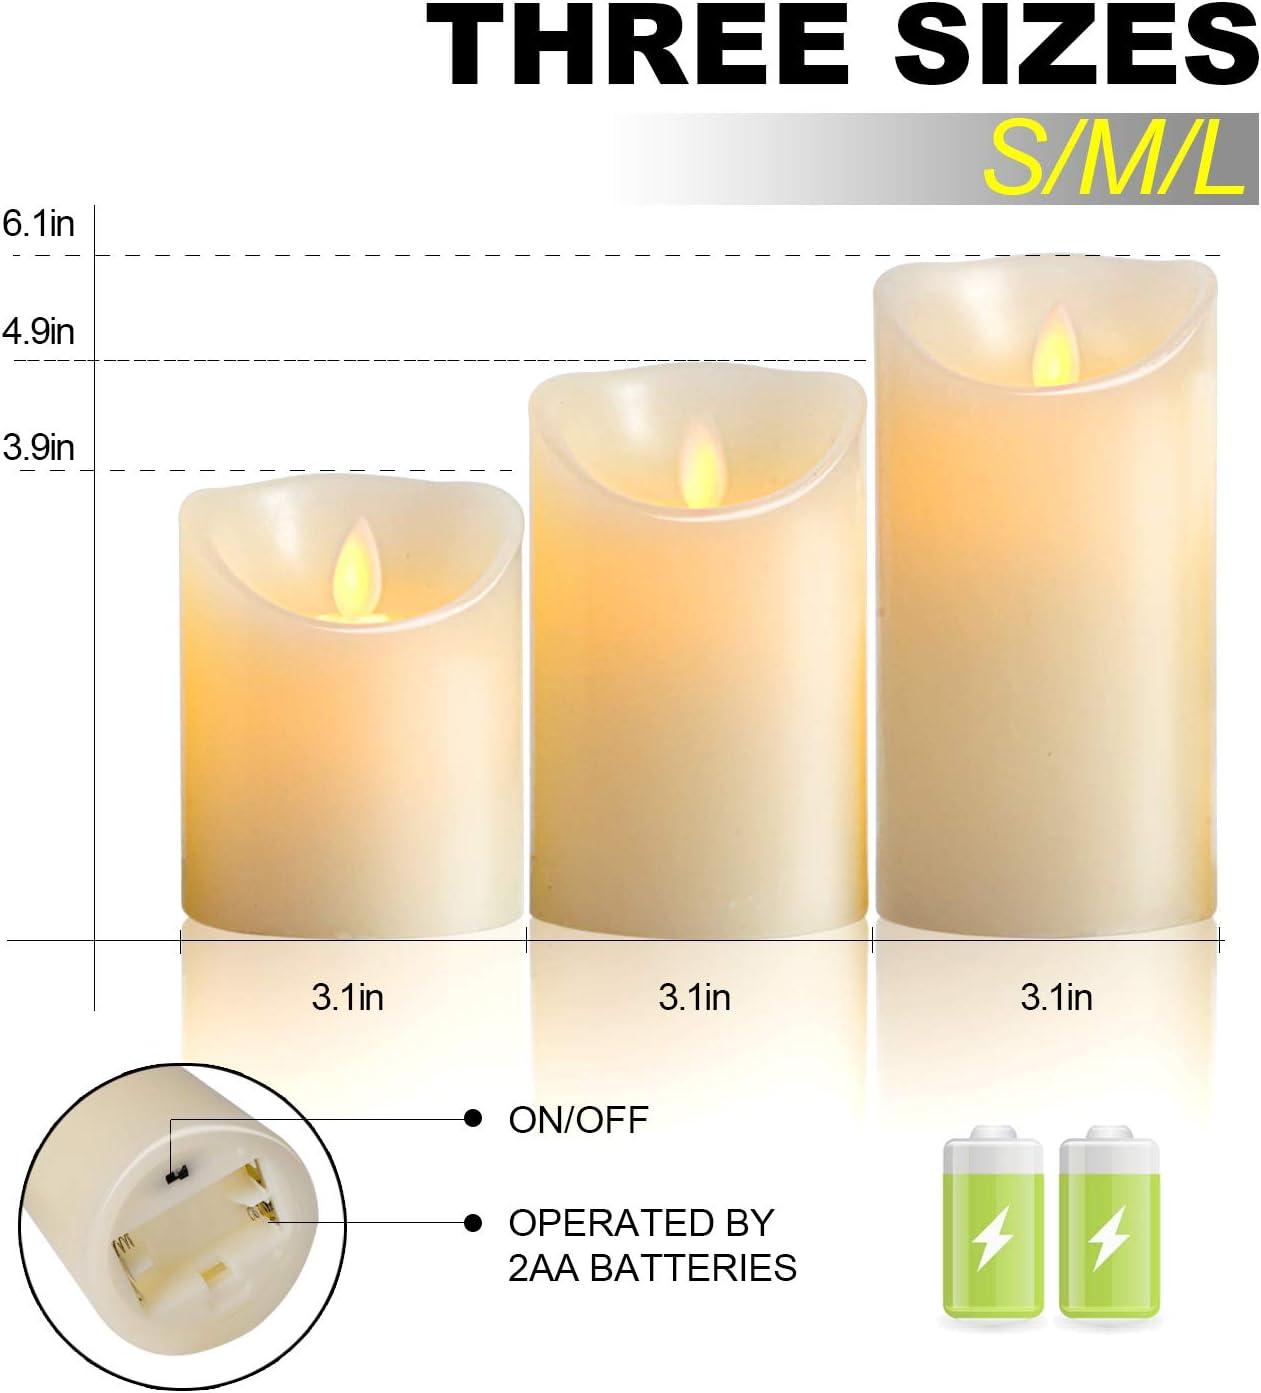 3 * 1, Ivory OSHINE LED-Kerzen,led kerzen mit timer,Flammenlose Kerzen 300 Stunden Dekorations-Kerzen-S/äulen im 3er Set 10-Tasten Fernbedienung mit 24 Stunden Timer-Funktion